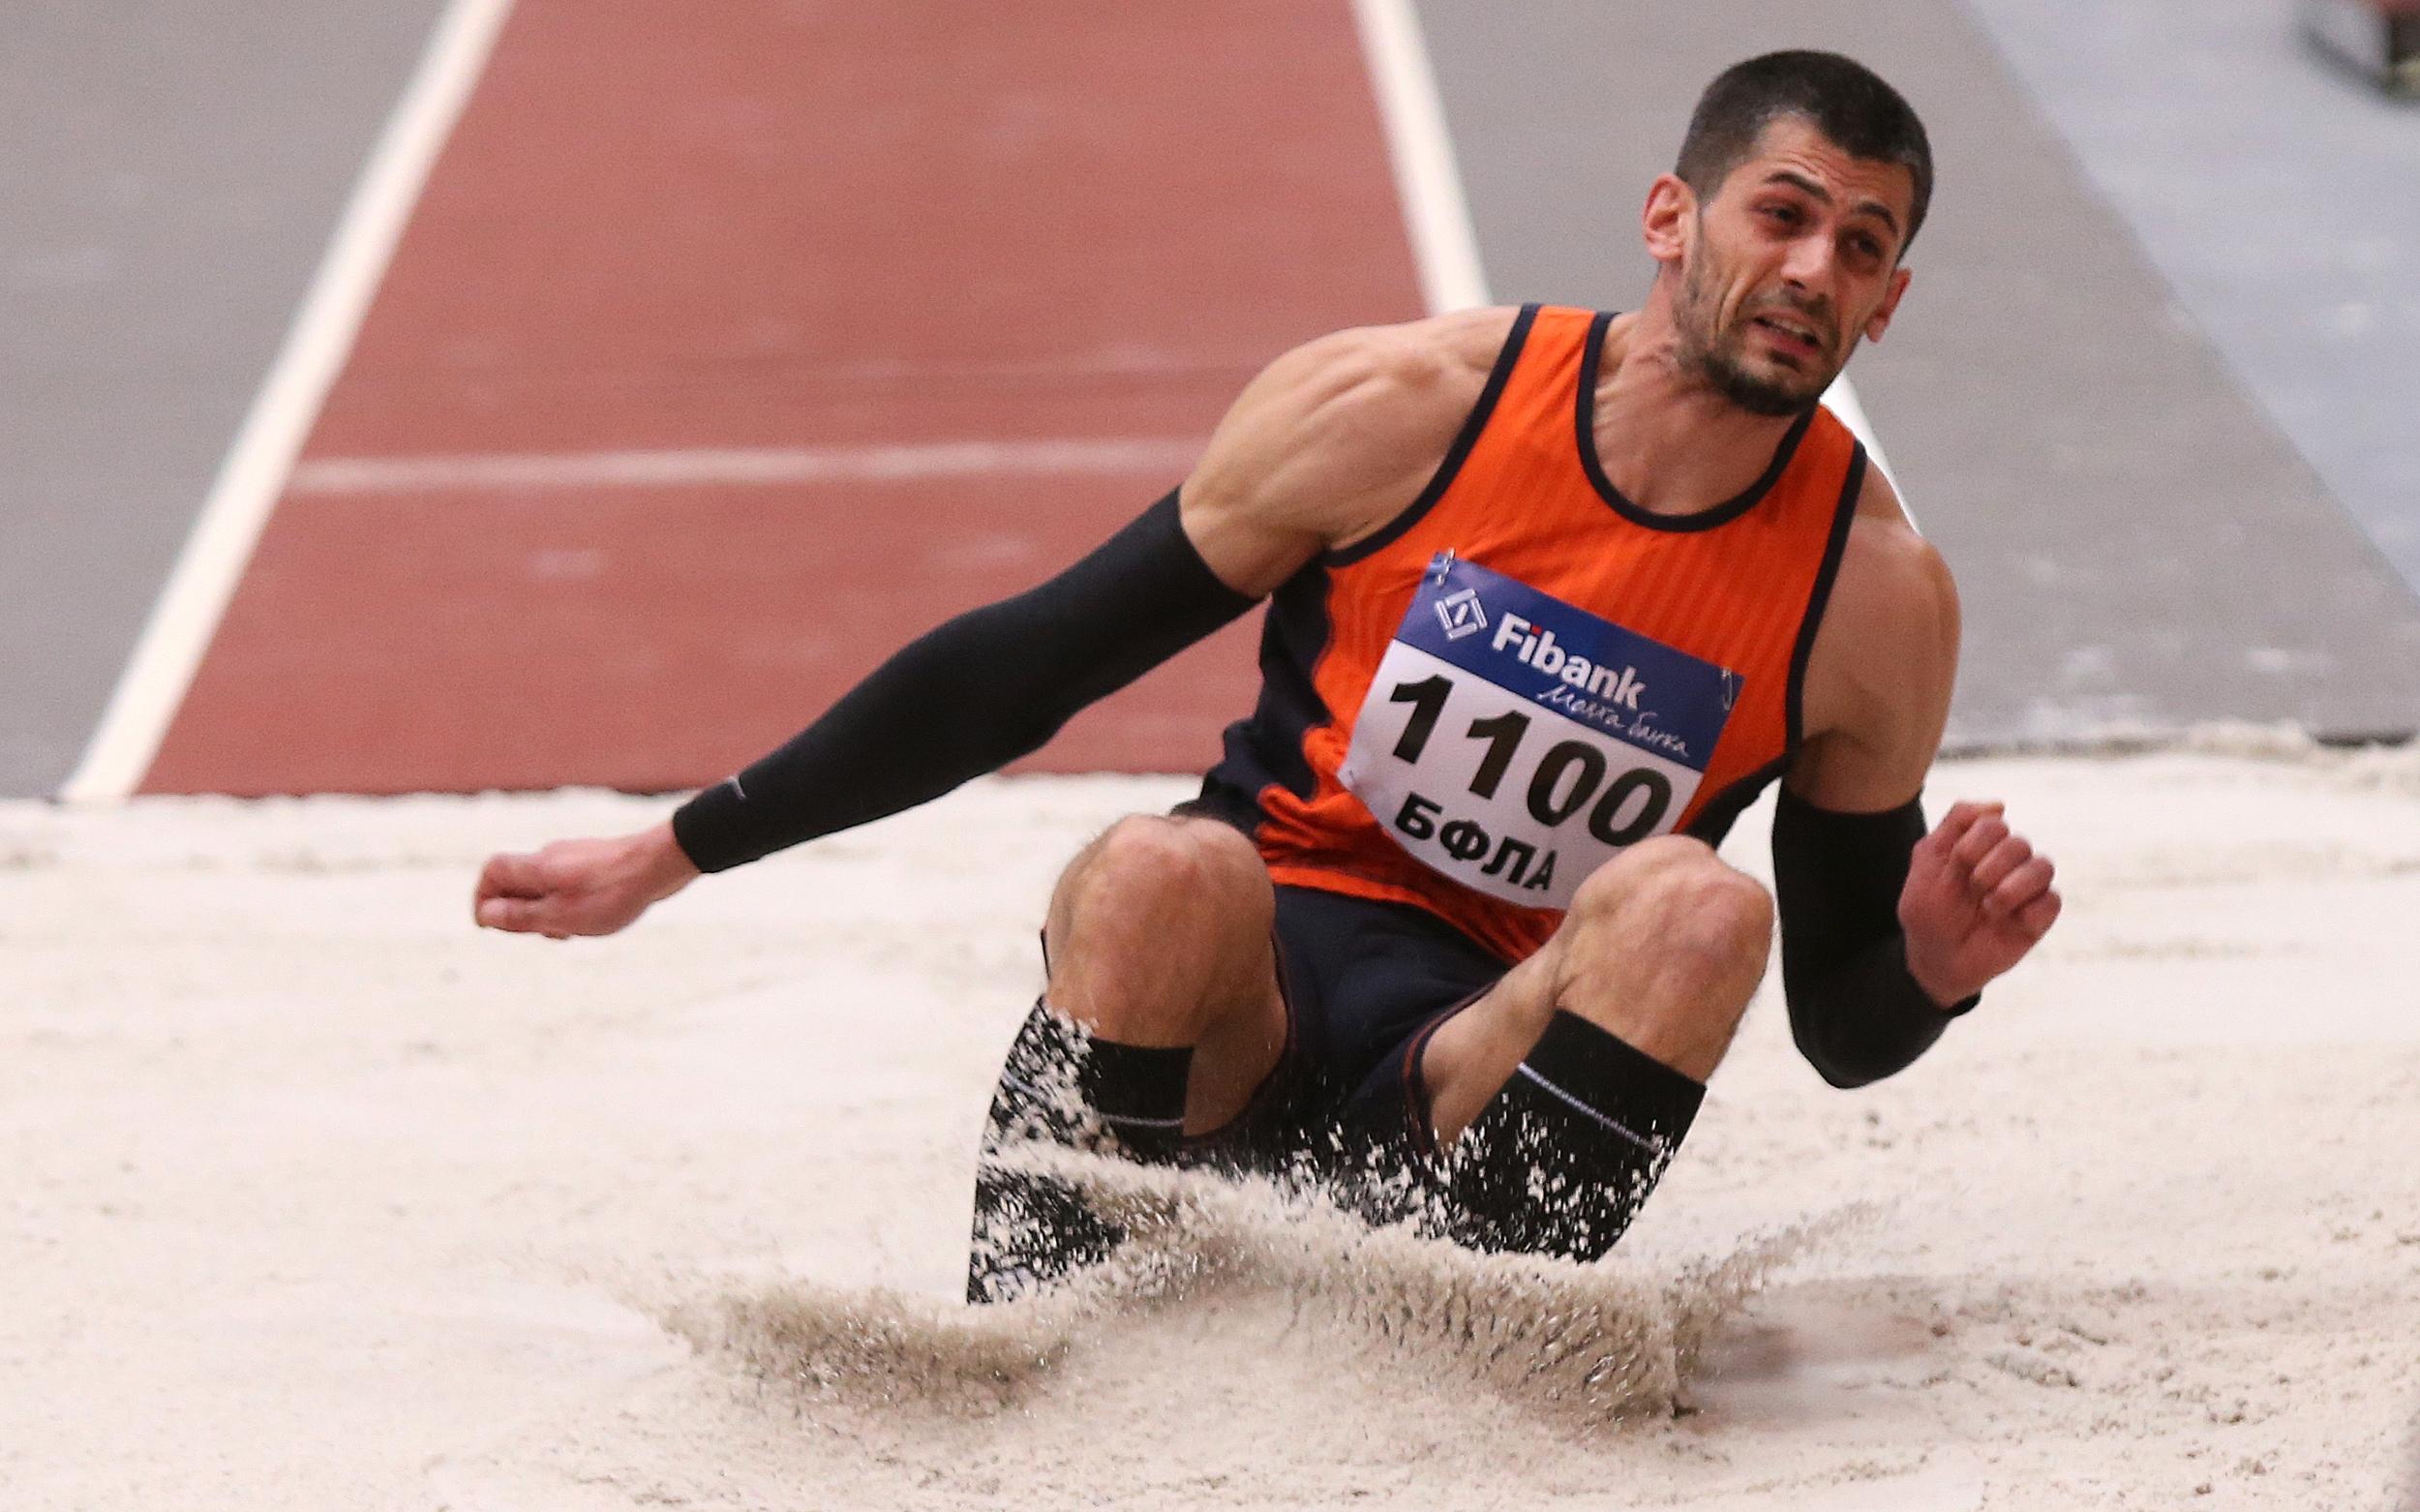 Българското участие на Световното първенство по лека атлетика в зала